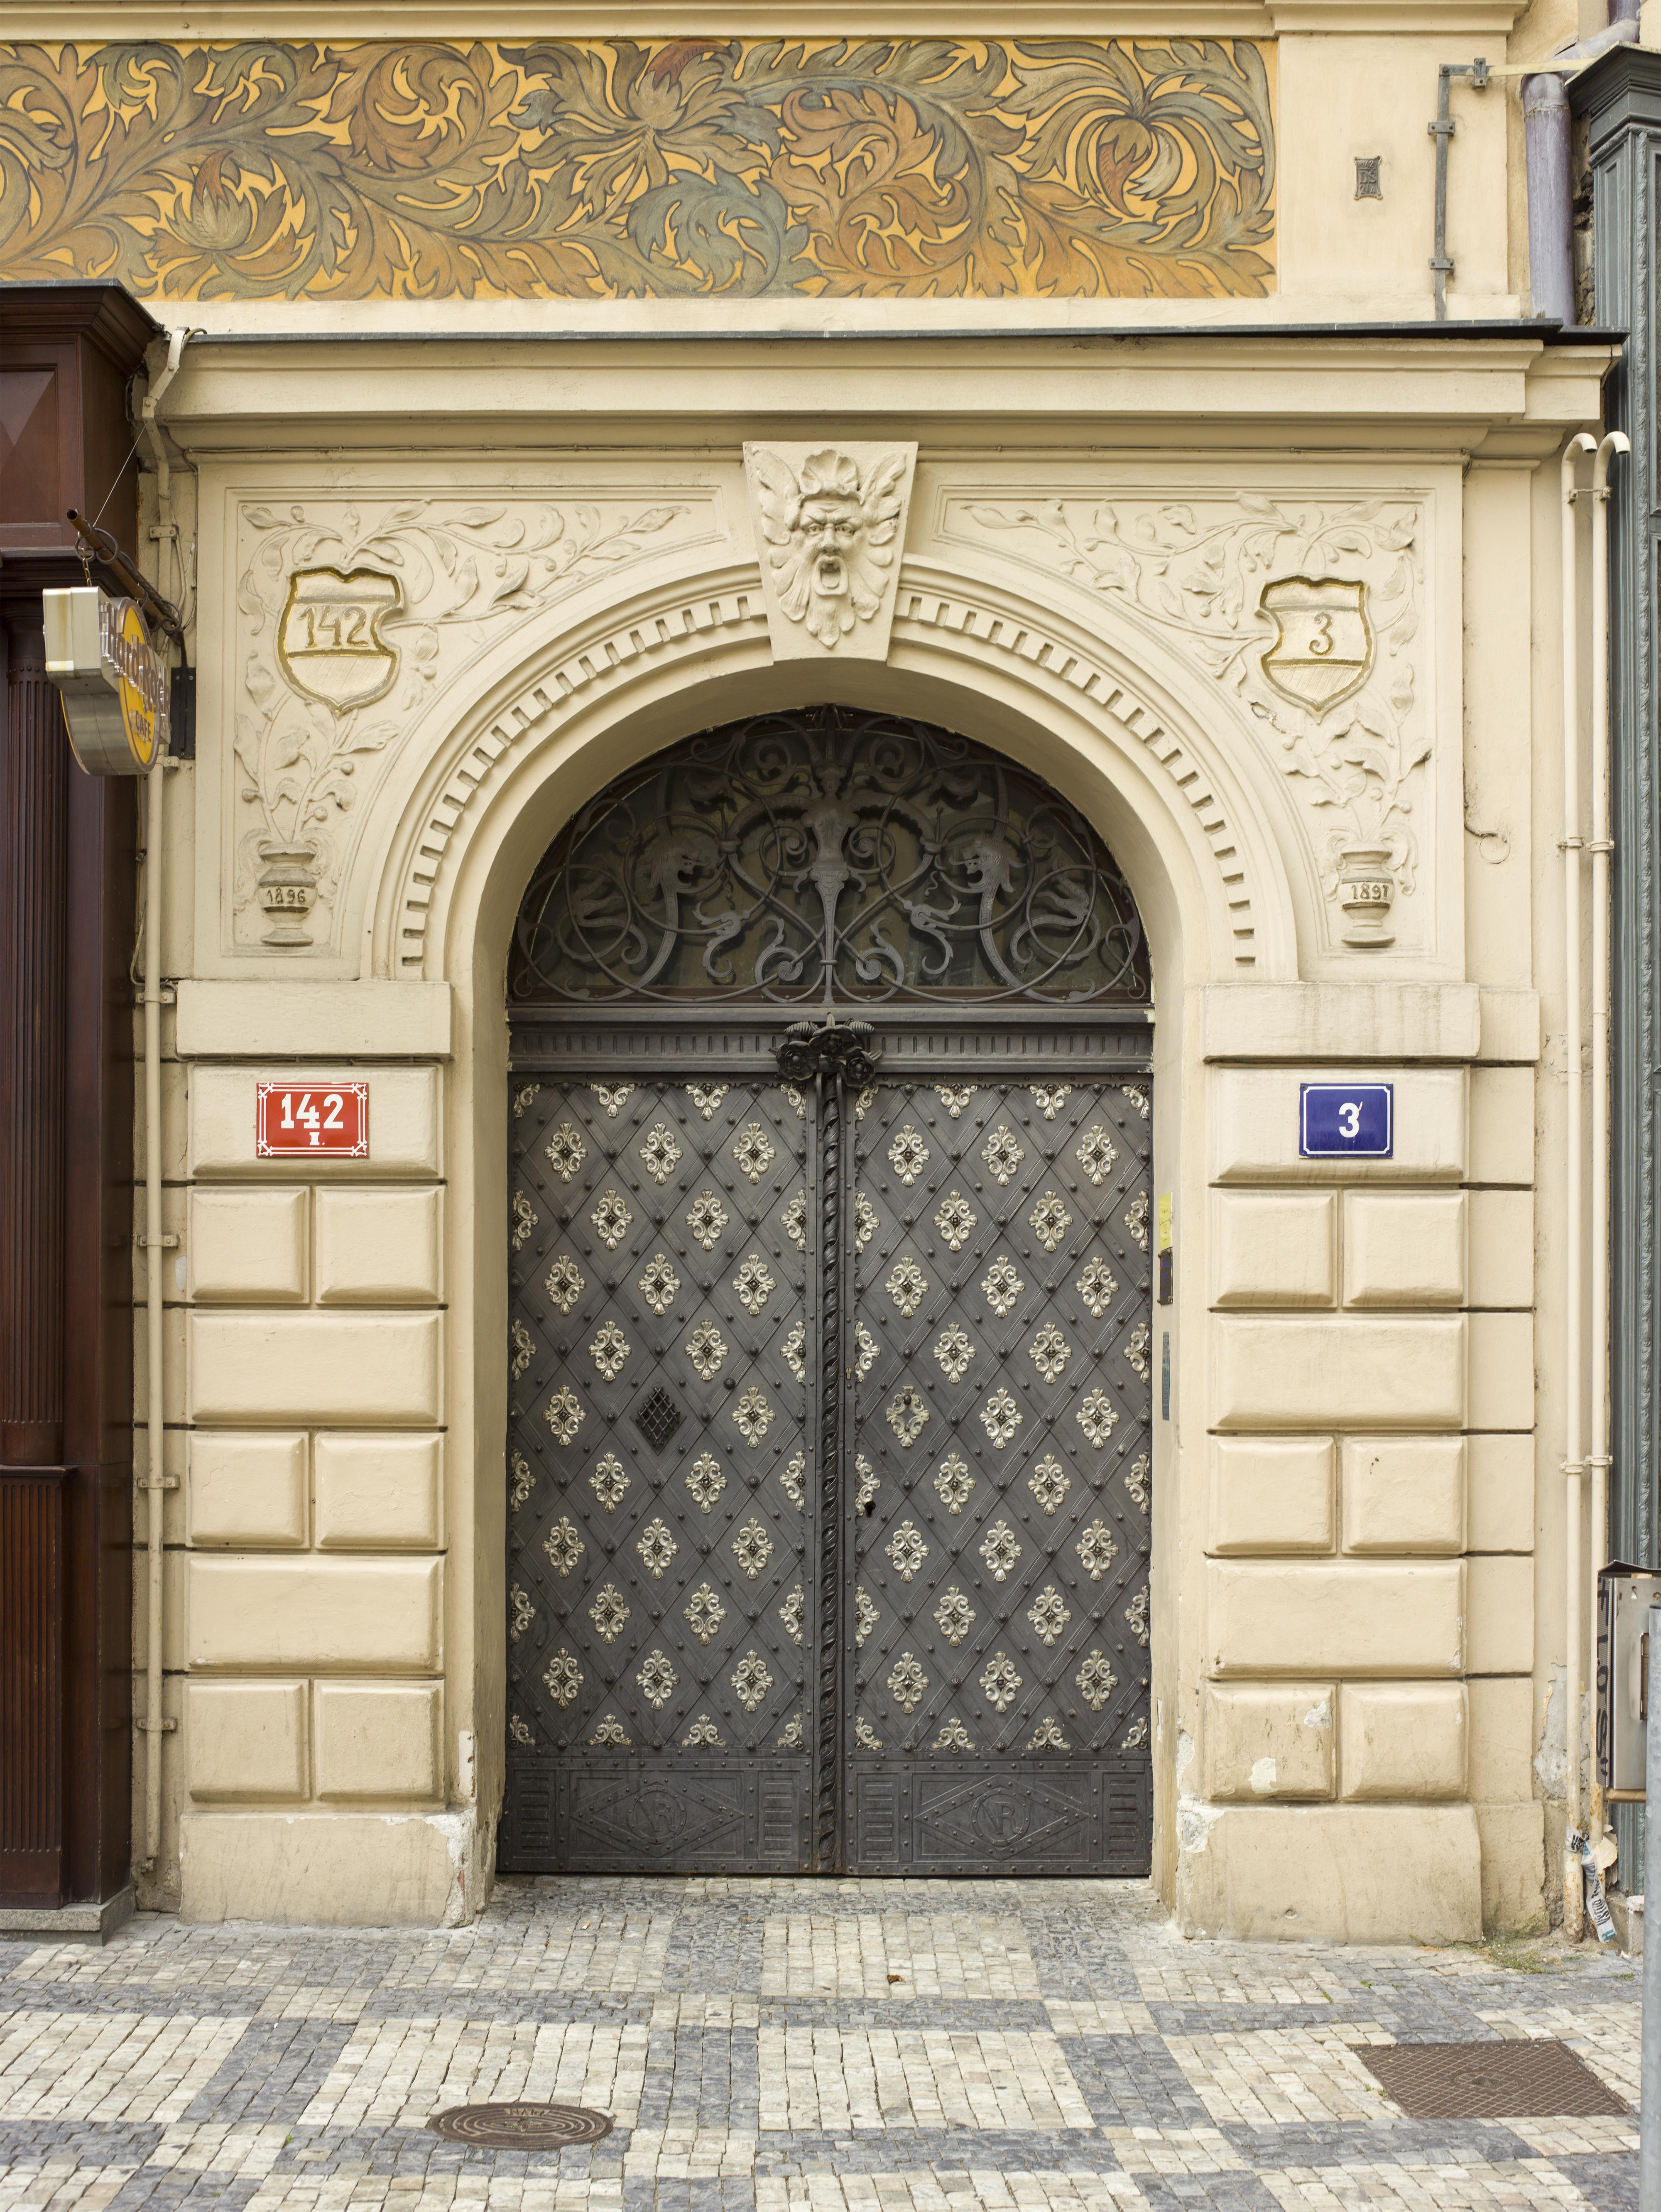 FileCzech-2013-Prague-V.J. Rott building (Door).jpg & File:Czech-2013-Prague-V.J. Rott building (Door).jpg - Wikimedia Commons